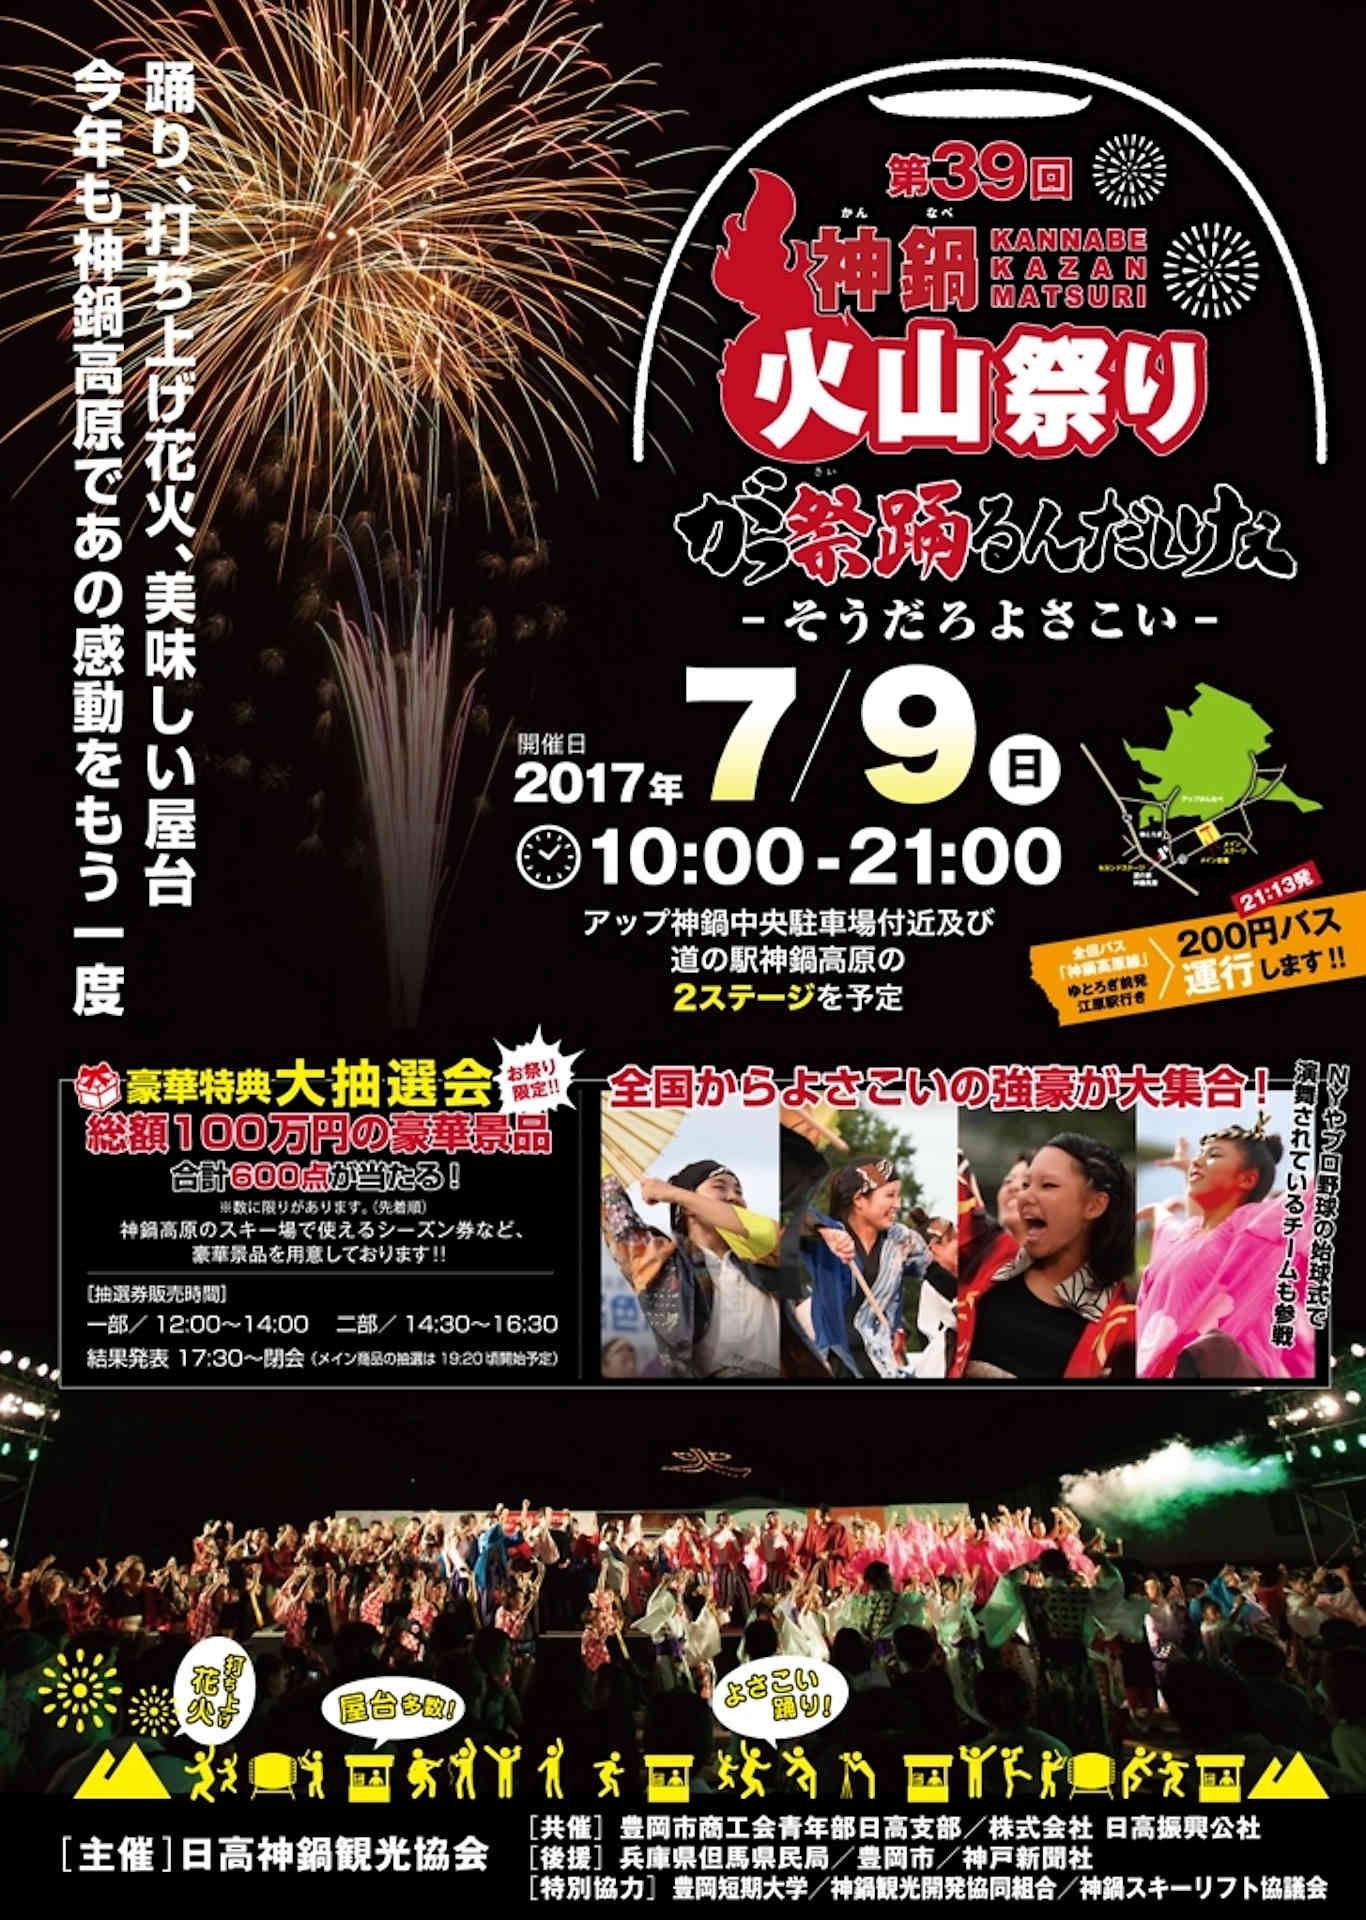 神鍋火山祭り